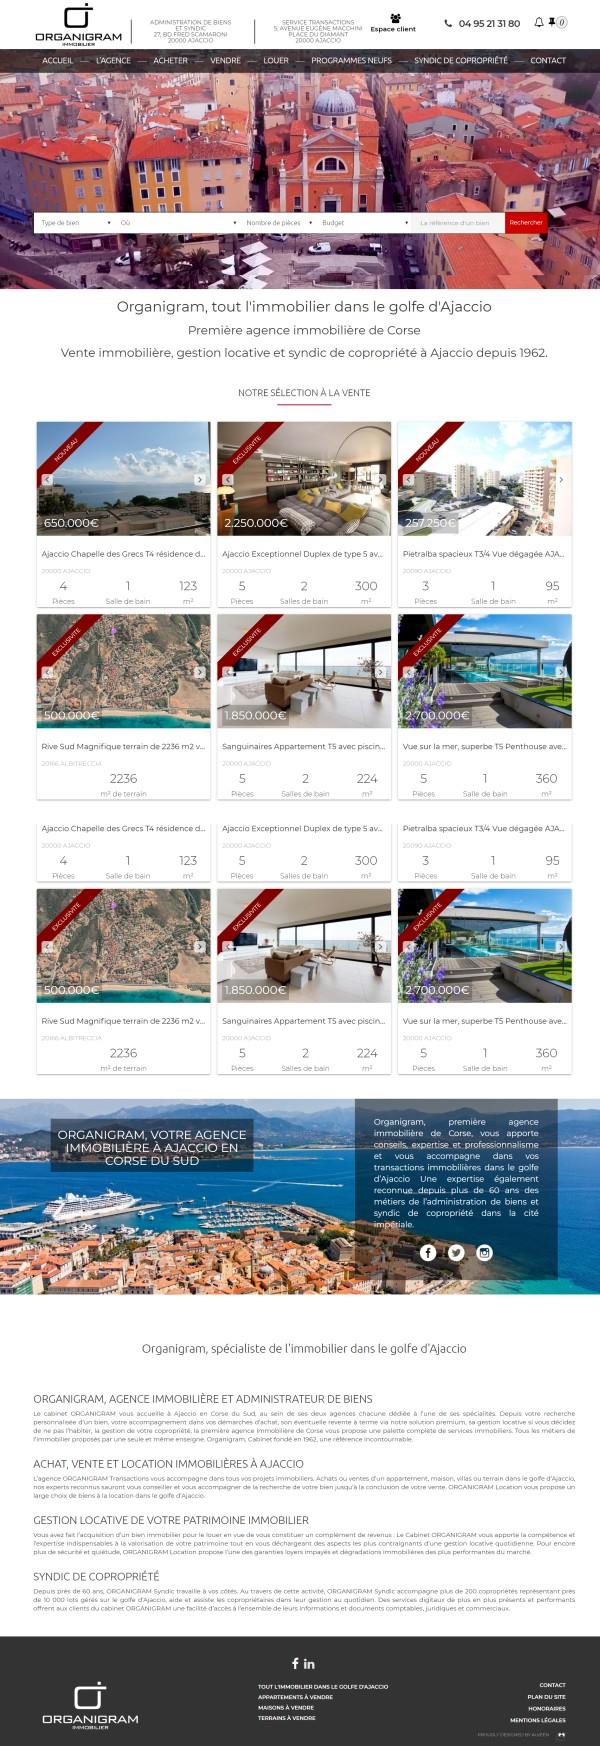 Agence Immobilière Organigram à Ajaccio